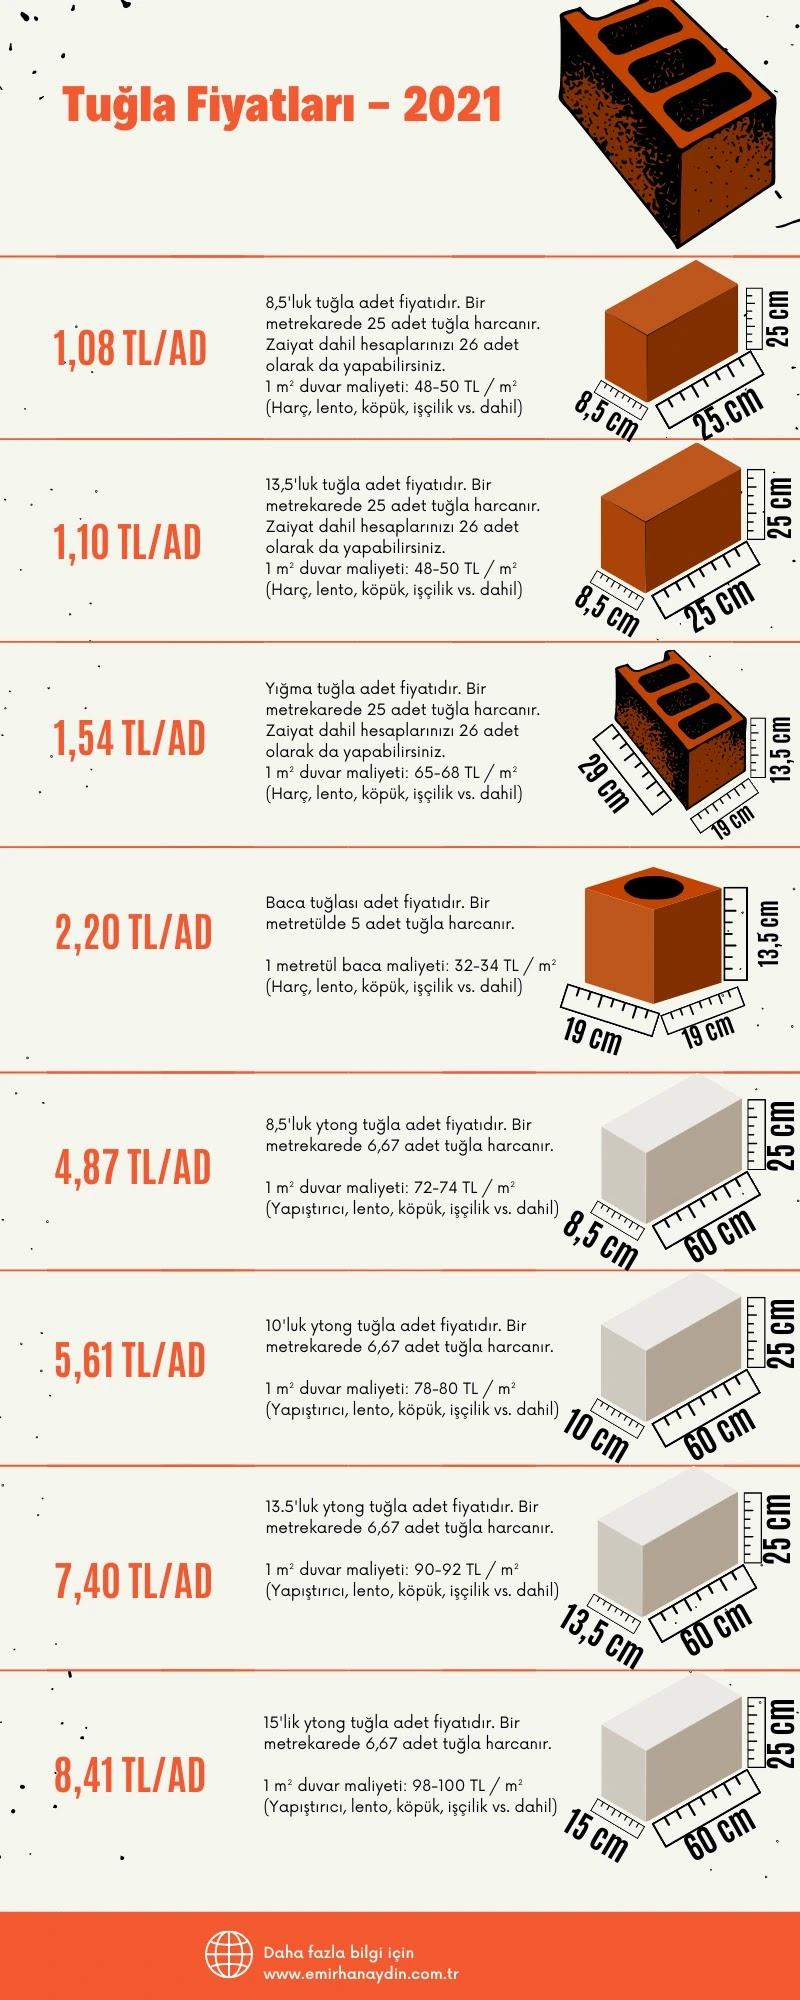 Tuğla Fiyatları - 13.5'luk Tuğla | Yığma Tuğla | Bims